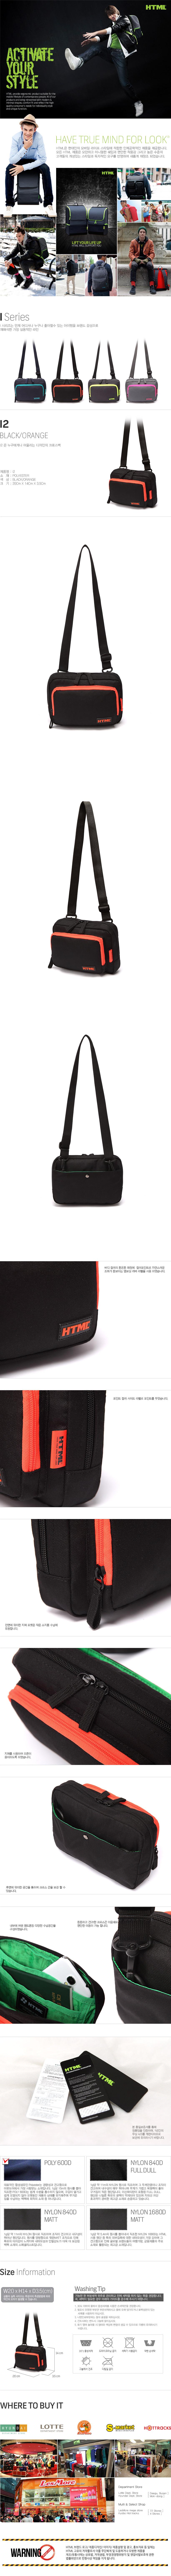 [에이치티엠엘]HTML- I2 Crossbag (BLACK/ORANGE)